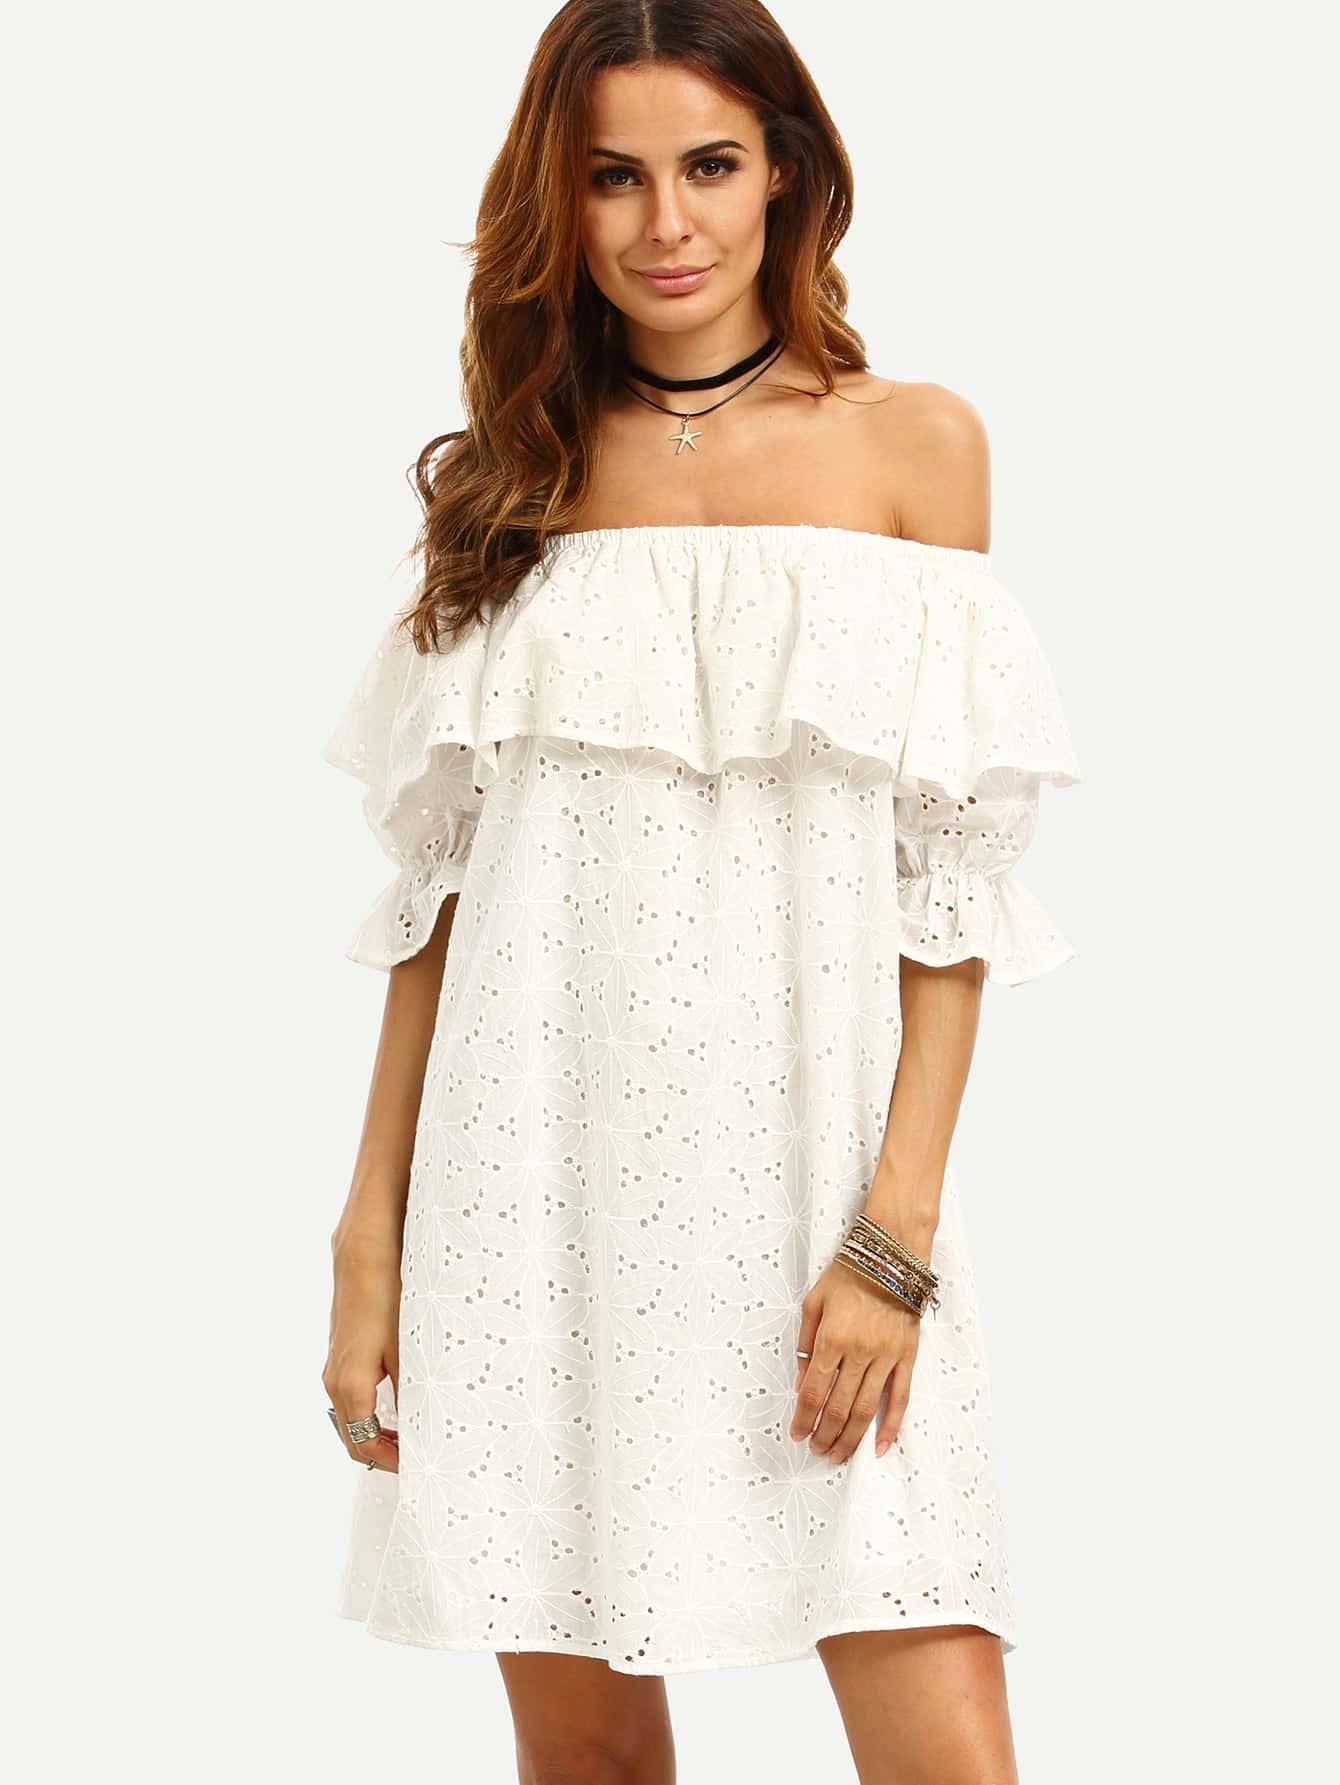 Schulterfreies Kleid Mit Rüschen  Weiß  Shein